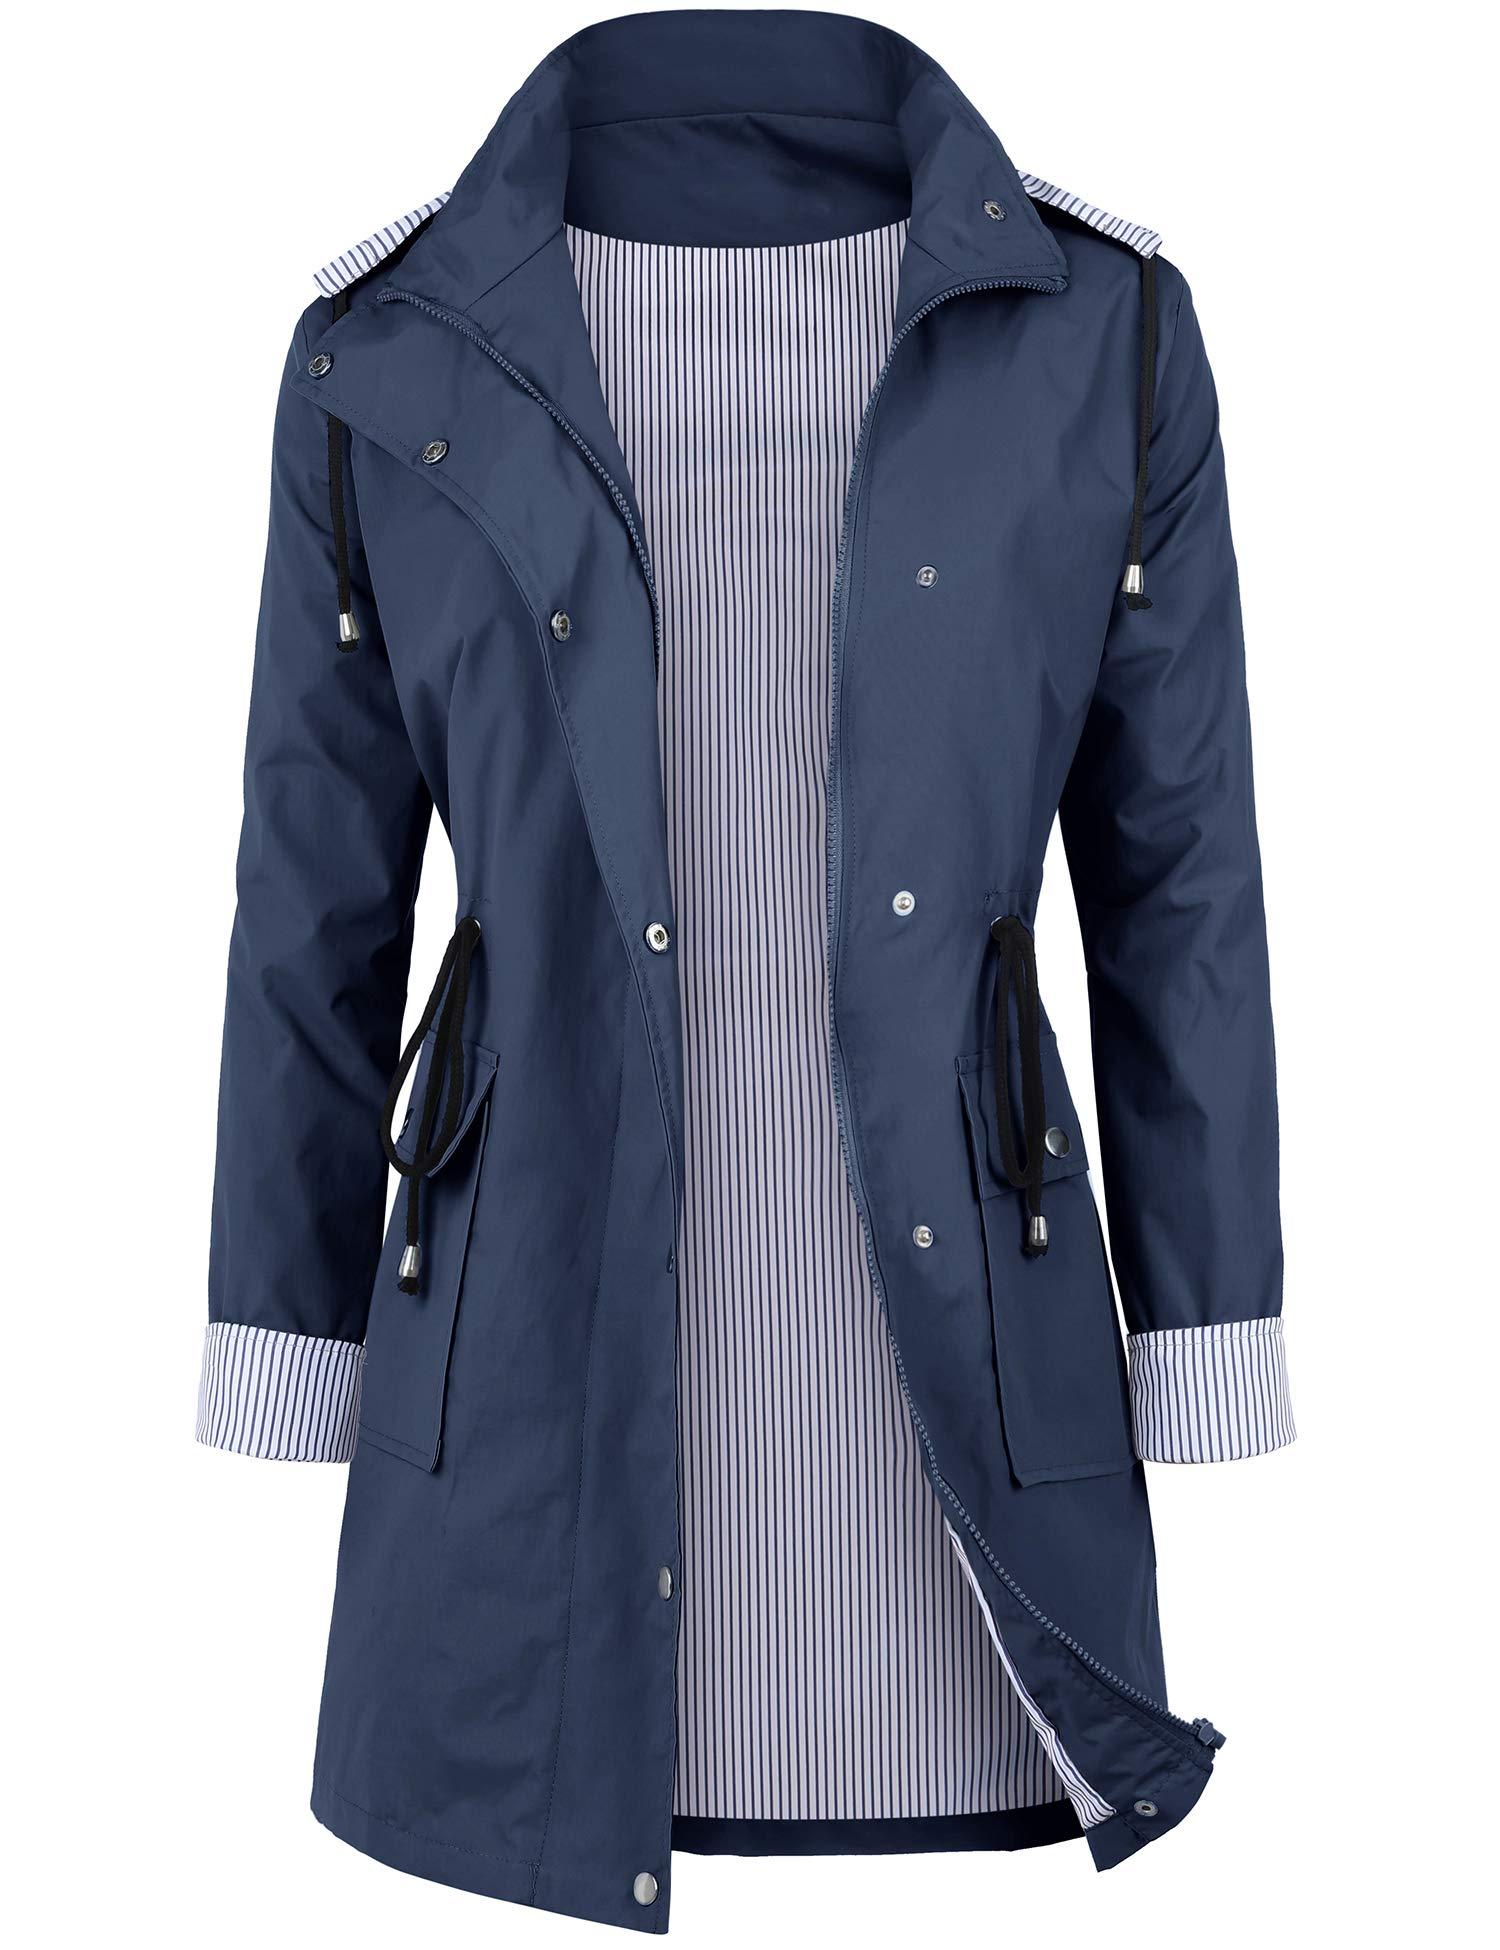 DOSWODE Women Waterproof Raincoat Lightweight Rain Jacket Hooded Windbreaker Trench Coats Blue_XXL by DOSWODE